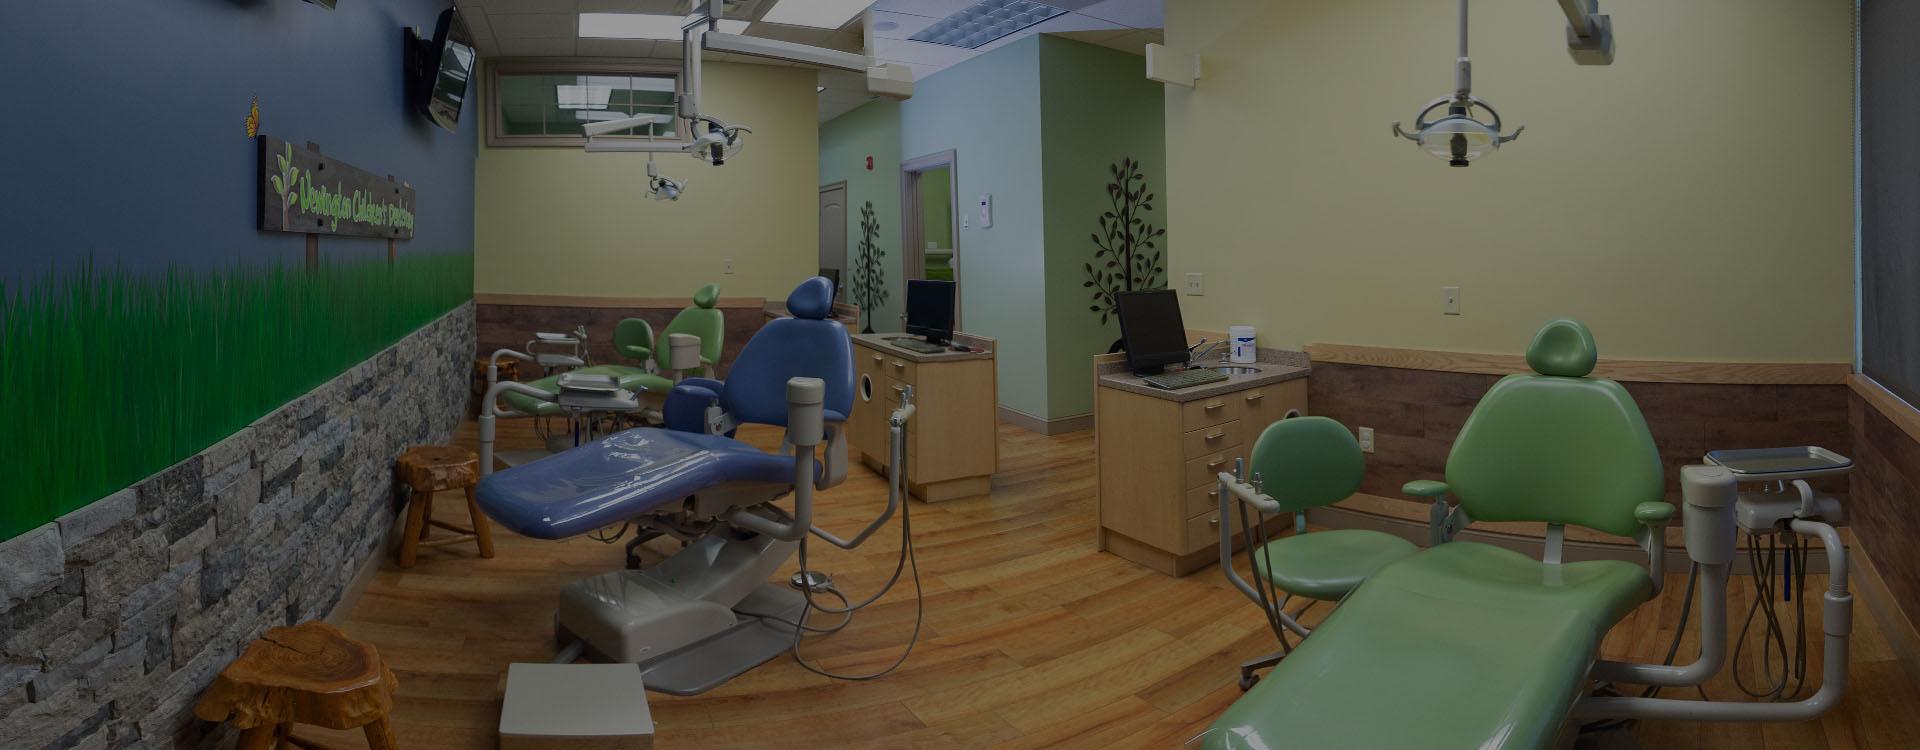 Slider for Newington Children's Dentistry